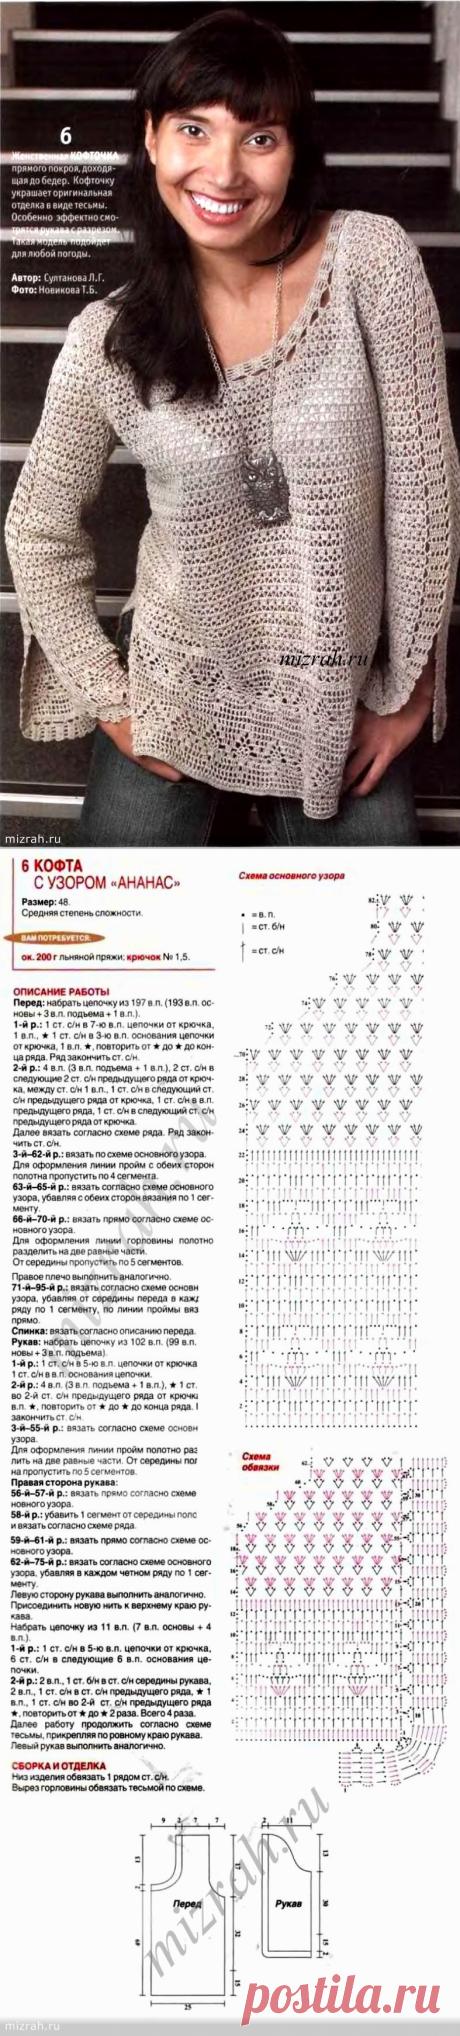 Из любимых моделей: блуза-туника крючком